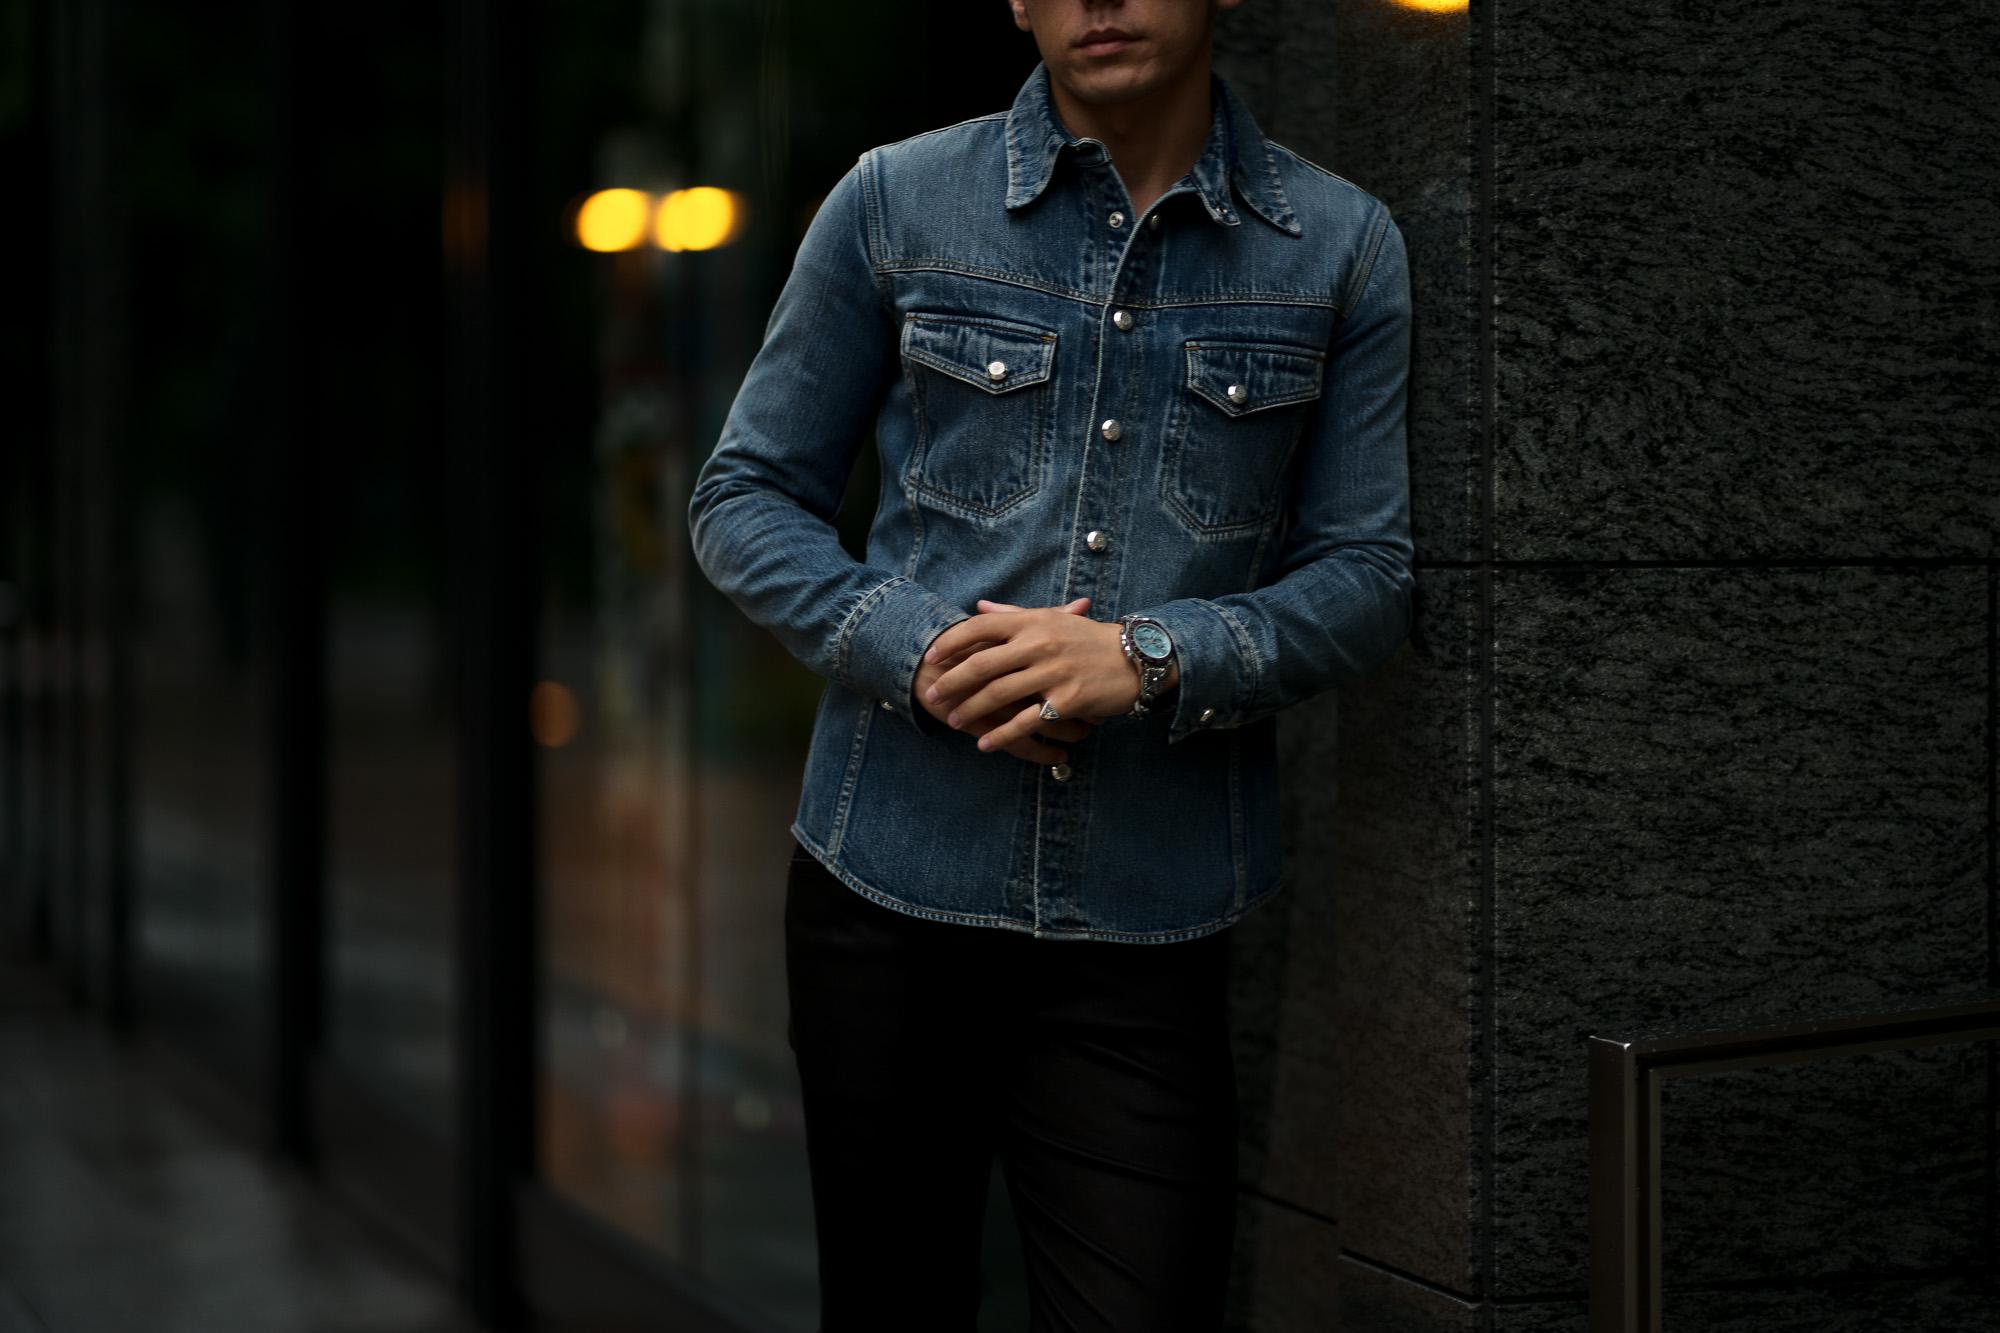 ISAMU KATAYAMA BACKLASH The Line (イサムカタヤマ バックラッシュ ザ・ライン) 13oz Selvage Denim × Python Leather Shirts T-228 (13オンス セルビッチデニム × パイソンレザー シャツ) 925 STERLING SILVER (925 スターリングシルバー) セルビッチデニムシャツ INDIGO (インディゴ) MADE IN JAPAN (日本製) 【Alto e Diritto別注】【Special Model】愛知 名古屋 altoediritto アルトエデリット 片山勇 isamukatayama 片さん